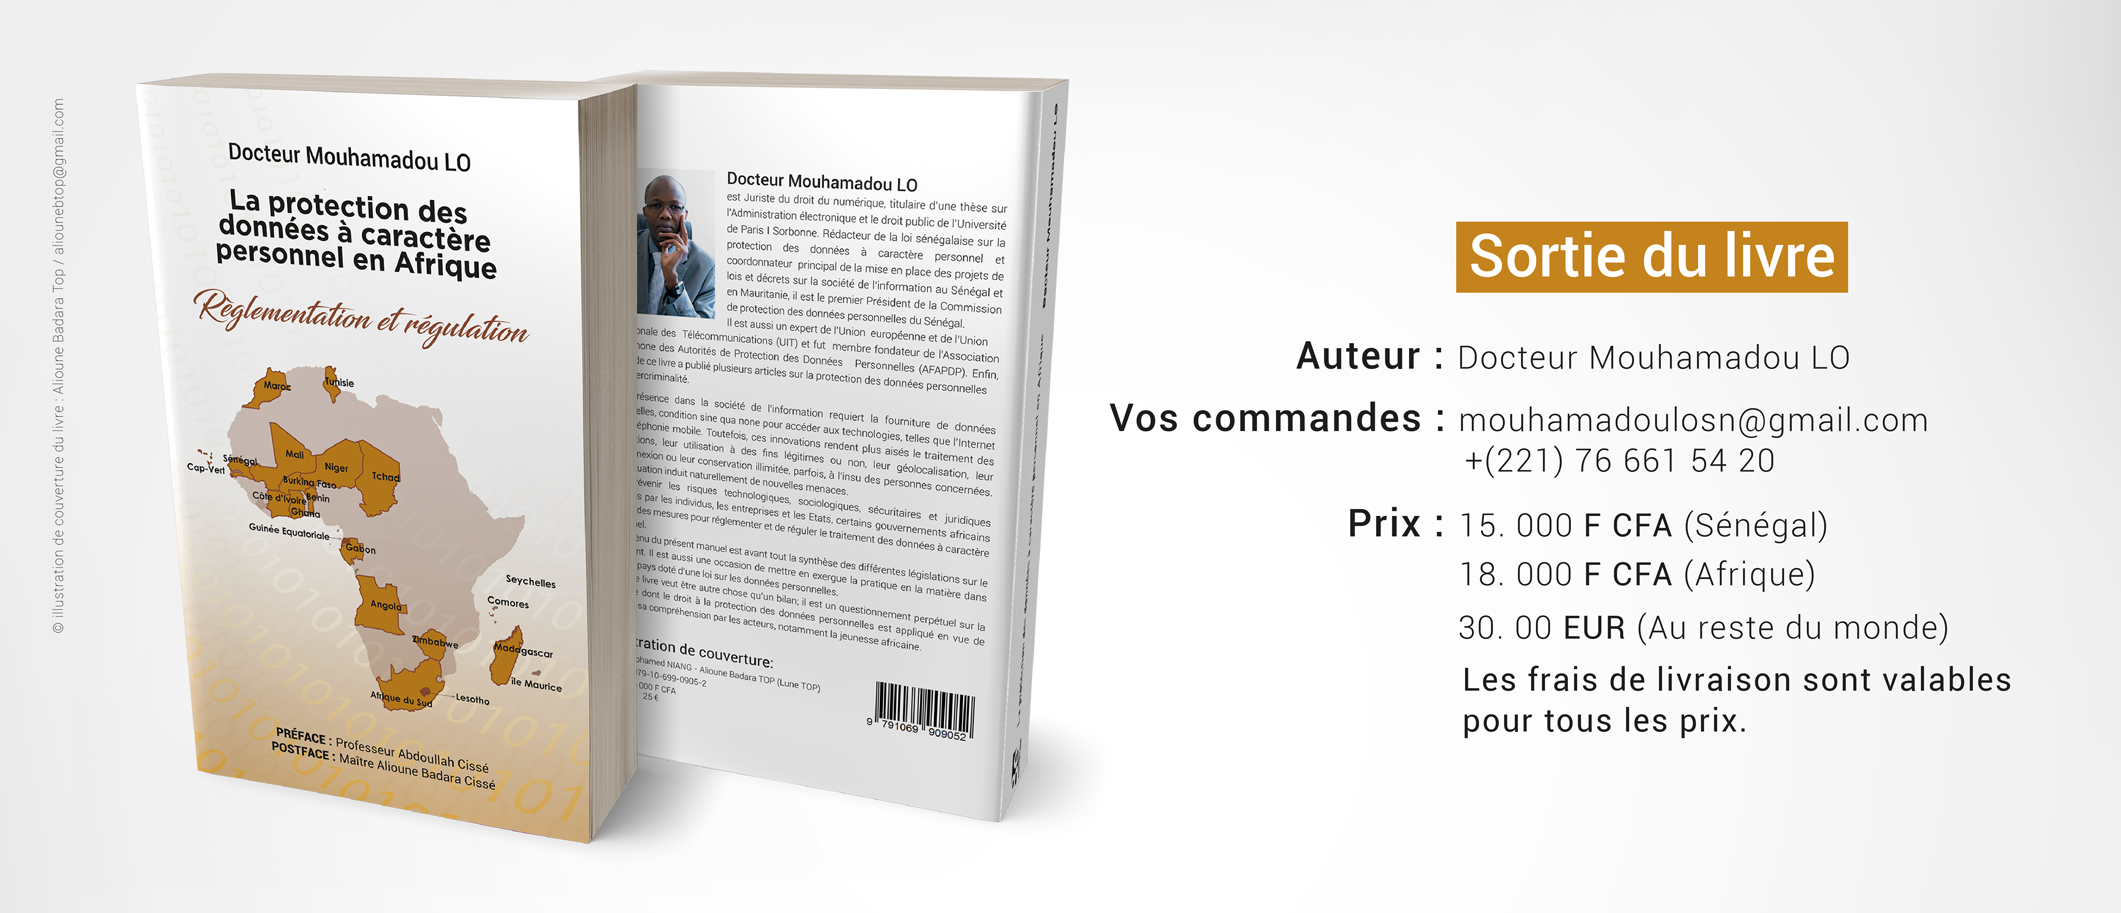 « La protection des données à caractère personnel en Afrique : réglementation et régulation », Dr. Mouhamadou Lô